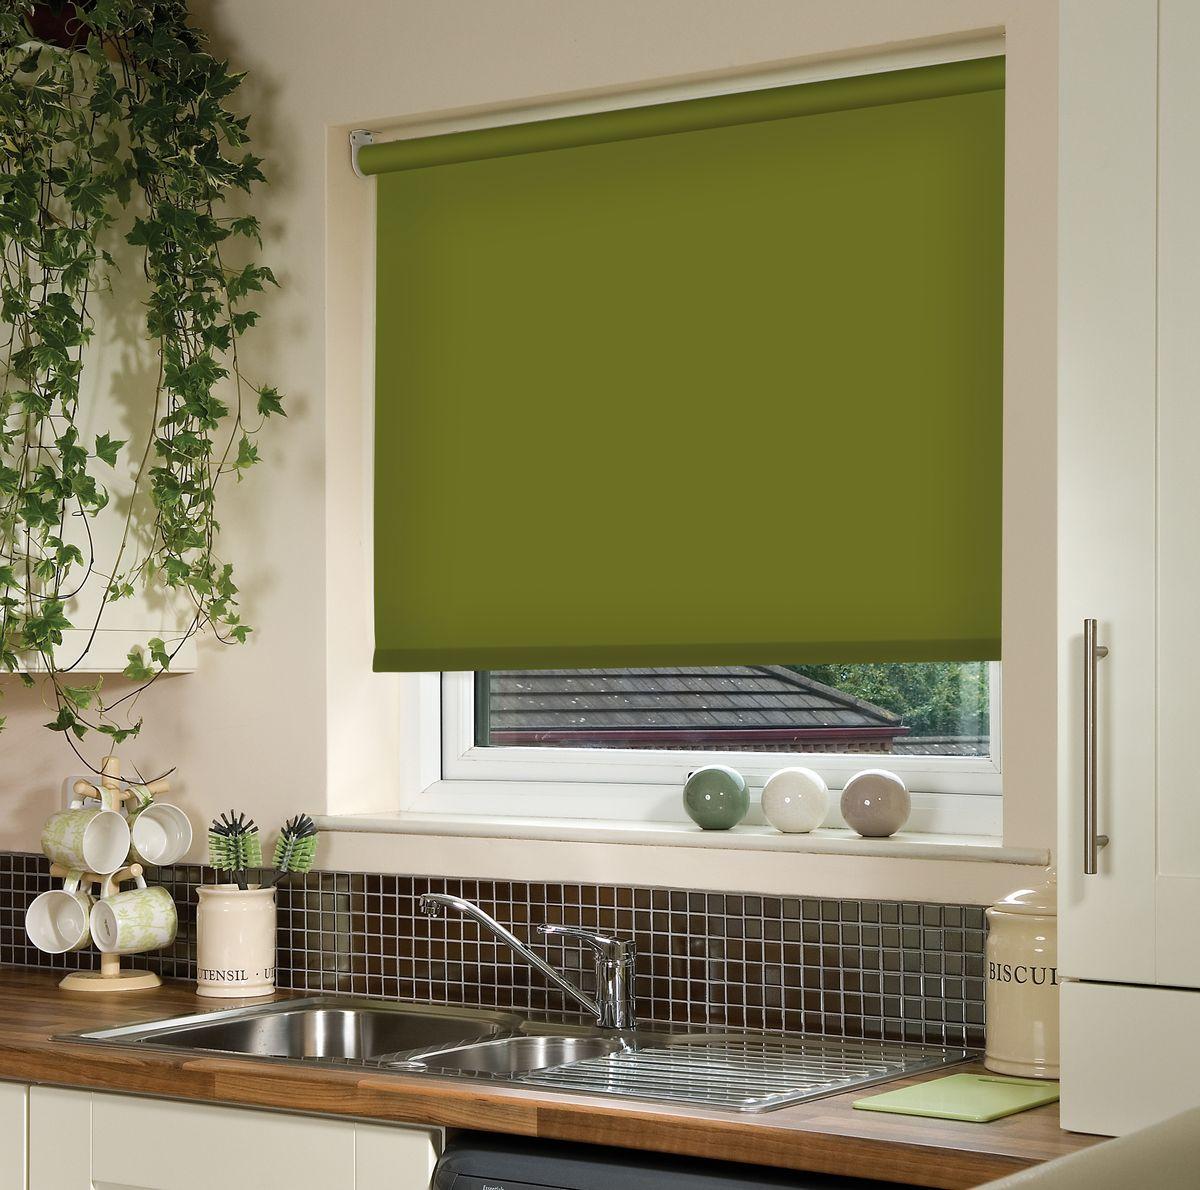 Штора рулонная Эскар, цвет: темно-оливковый, ширина 80 см, высота 170 см81018080170Рулонными шторами можно оформлять окна как самостоятельно, так и использовать в комбинации с портьерами. Это поможет предотвратить выгорание дорогой ткани на солнце и соединит функционал рулонных с красотой навесных. Преимущества применения рулонных штор для пластиковых окон: - имеют прекрасный внешний вид: многообразие и фактурность материала изделия отлично смотрятся в любом интерьере; - многофункциональны: есть возможность подобрать шторы способные эффективно защитить комнату от солнца, при этом о на не будет слишком темной. - Есть возможность осуществить быстрый монтаж. ВНИМАНИЕ! Размеры ширины изделия указаны по ширине ткани! Во время эксплуатации не рекомендуется полностью разматывать рулон, чтобы не оторвать ткань от намоточного вала. В случае загрязнения поверхности ткани, чистку шторы проводят одним из способов, в зависимости от типа загрязнения: легкое поверхностное загрязнение можно удалить при помощи...